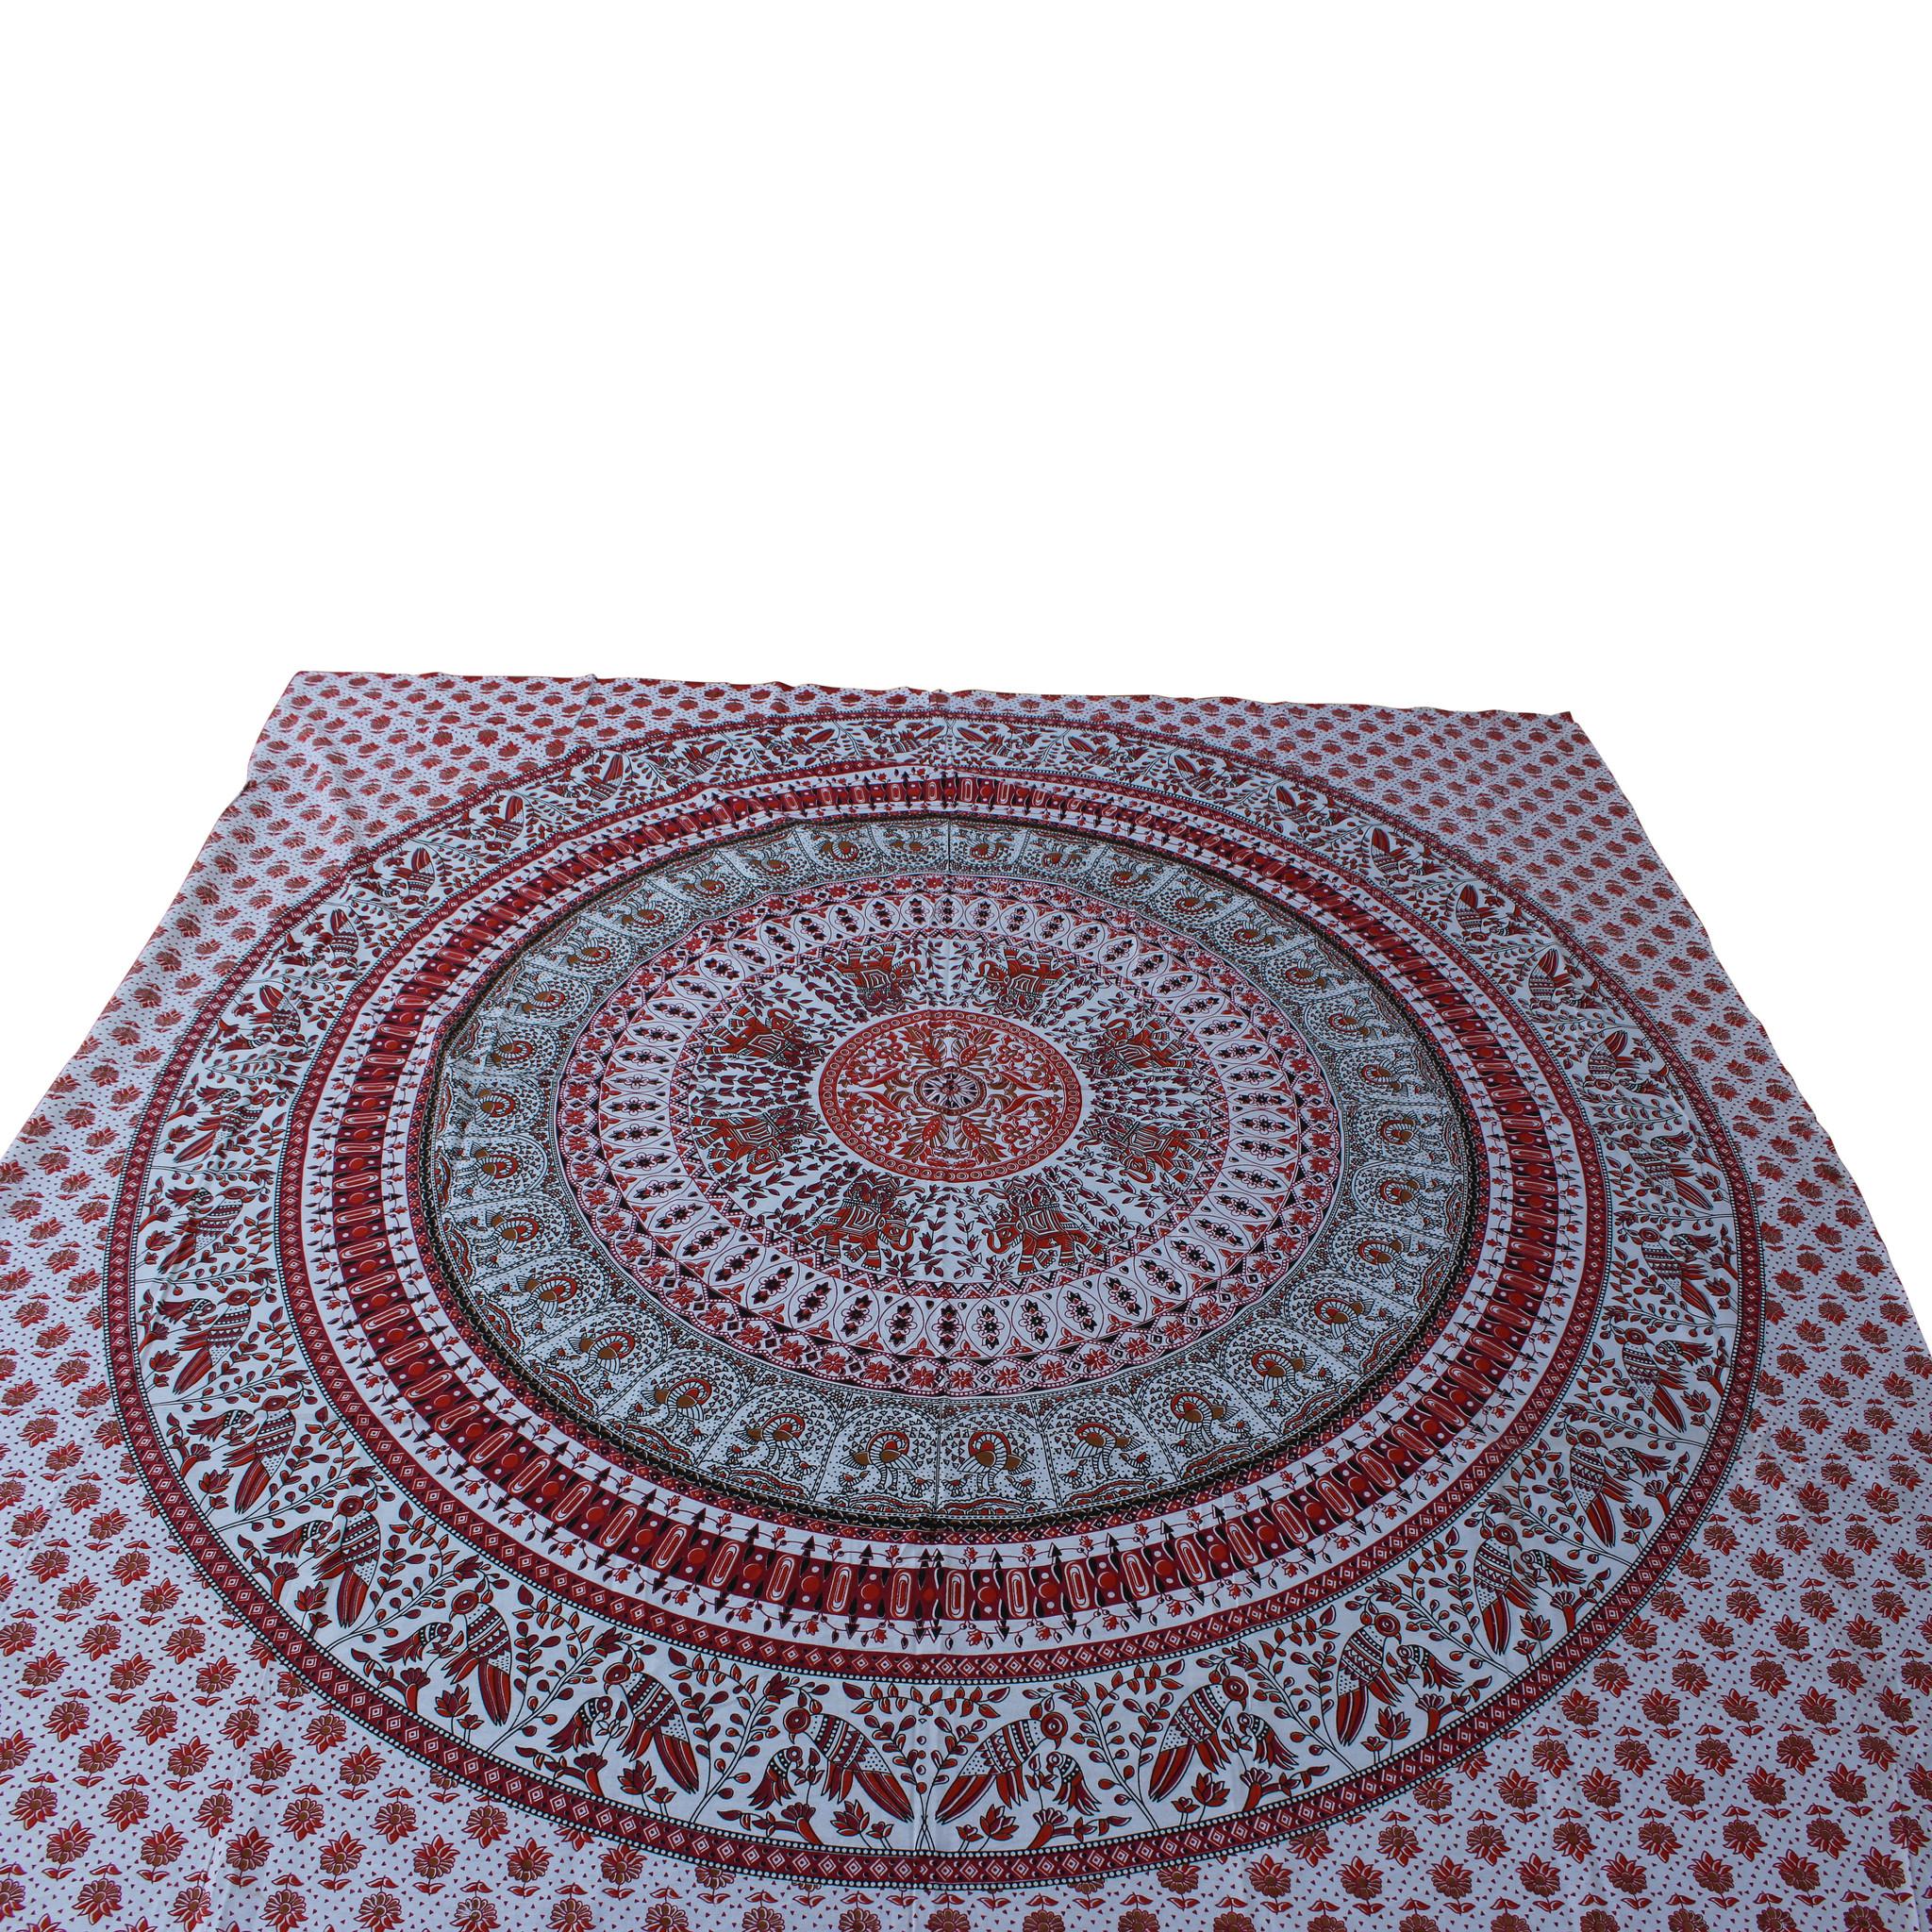 Myroundie Myroundie - roundie - vierkant strandlaken XL – yoga kleed- speelkleed - picknickkleed -100% katoen – Q2